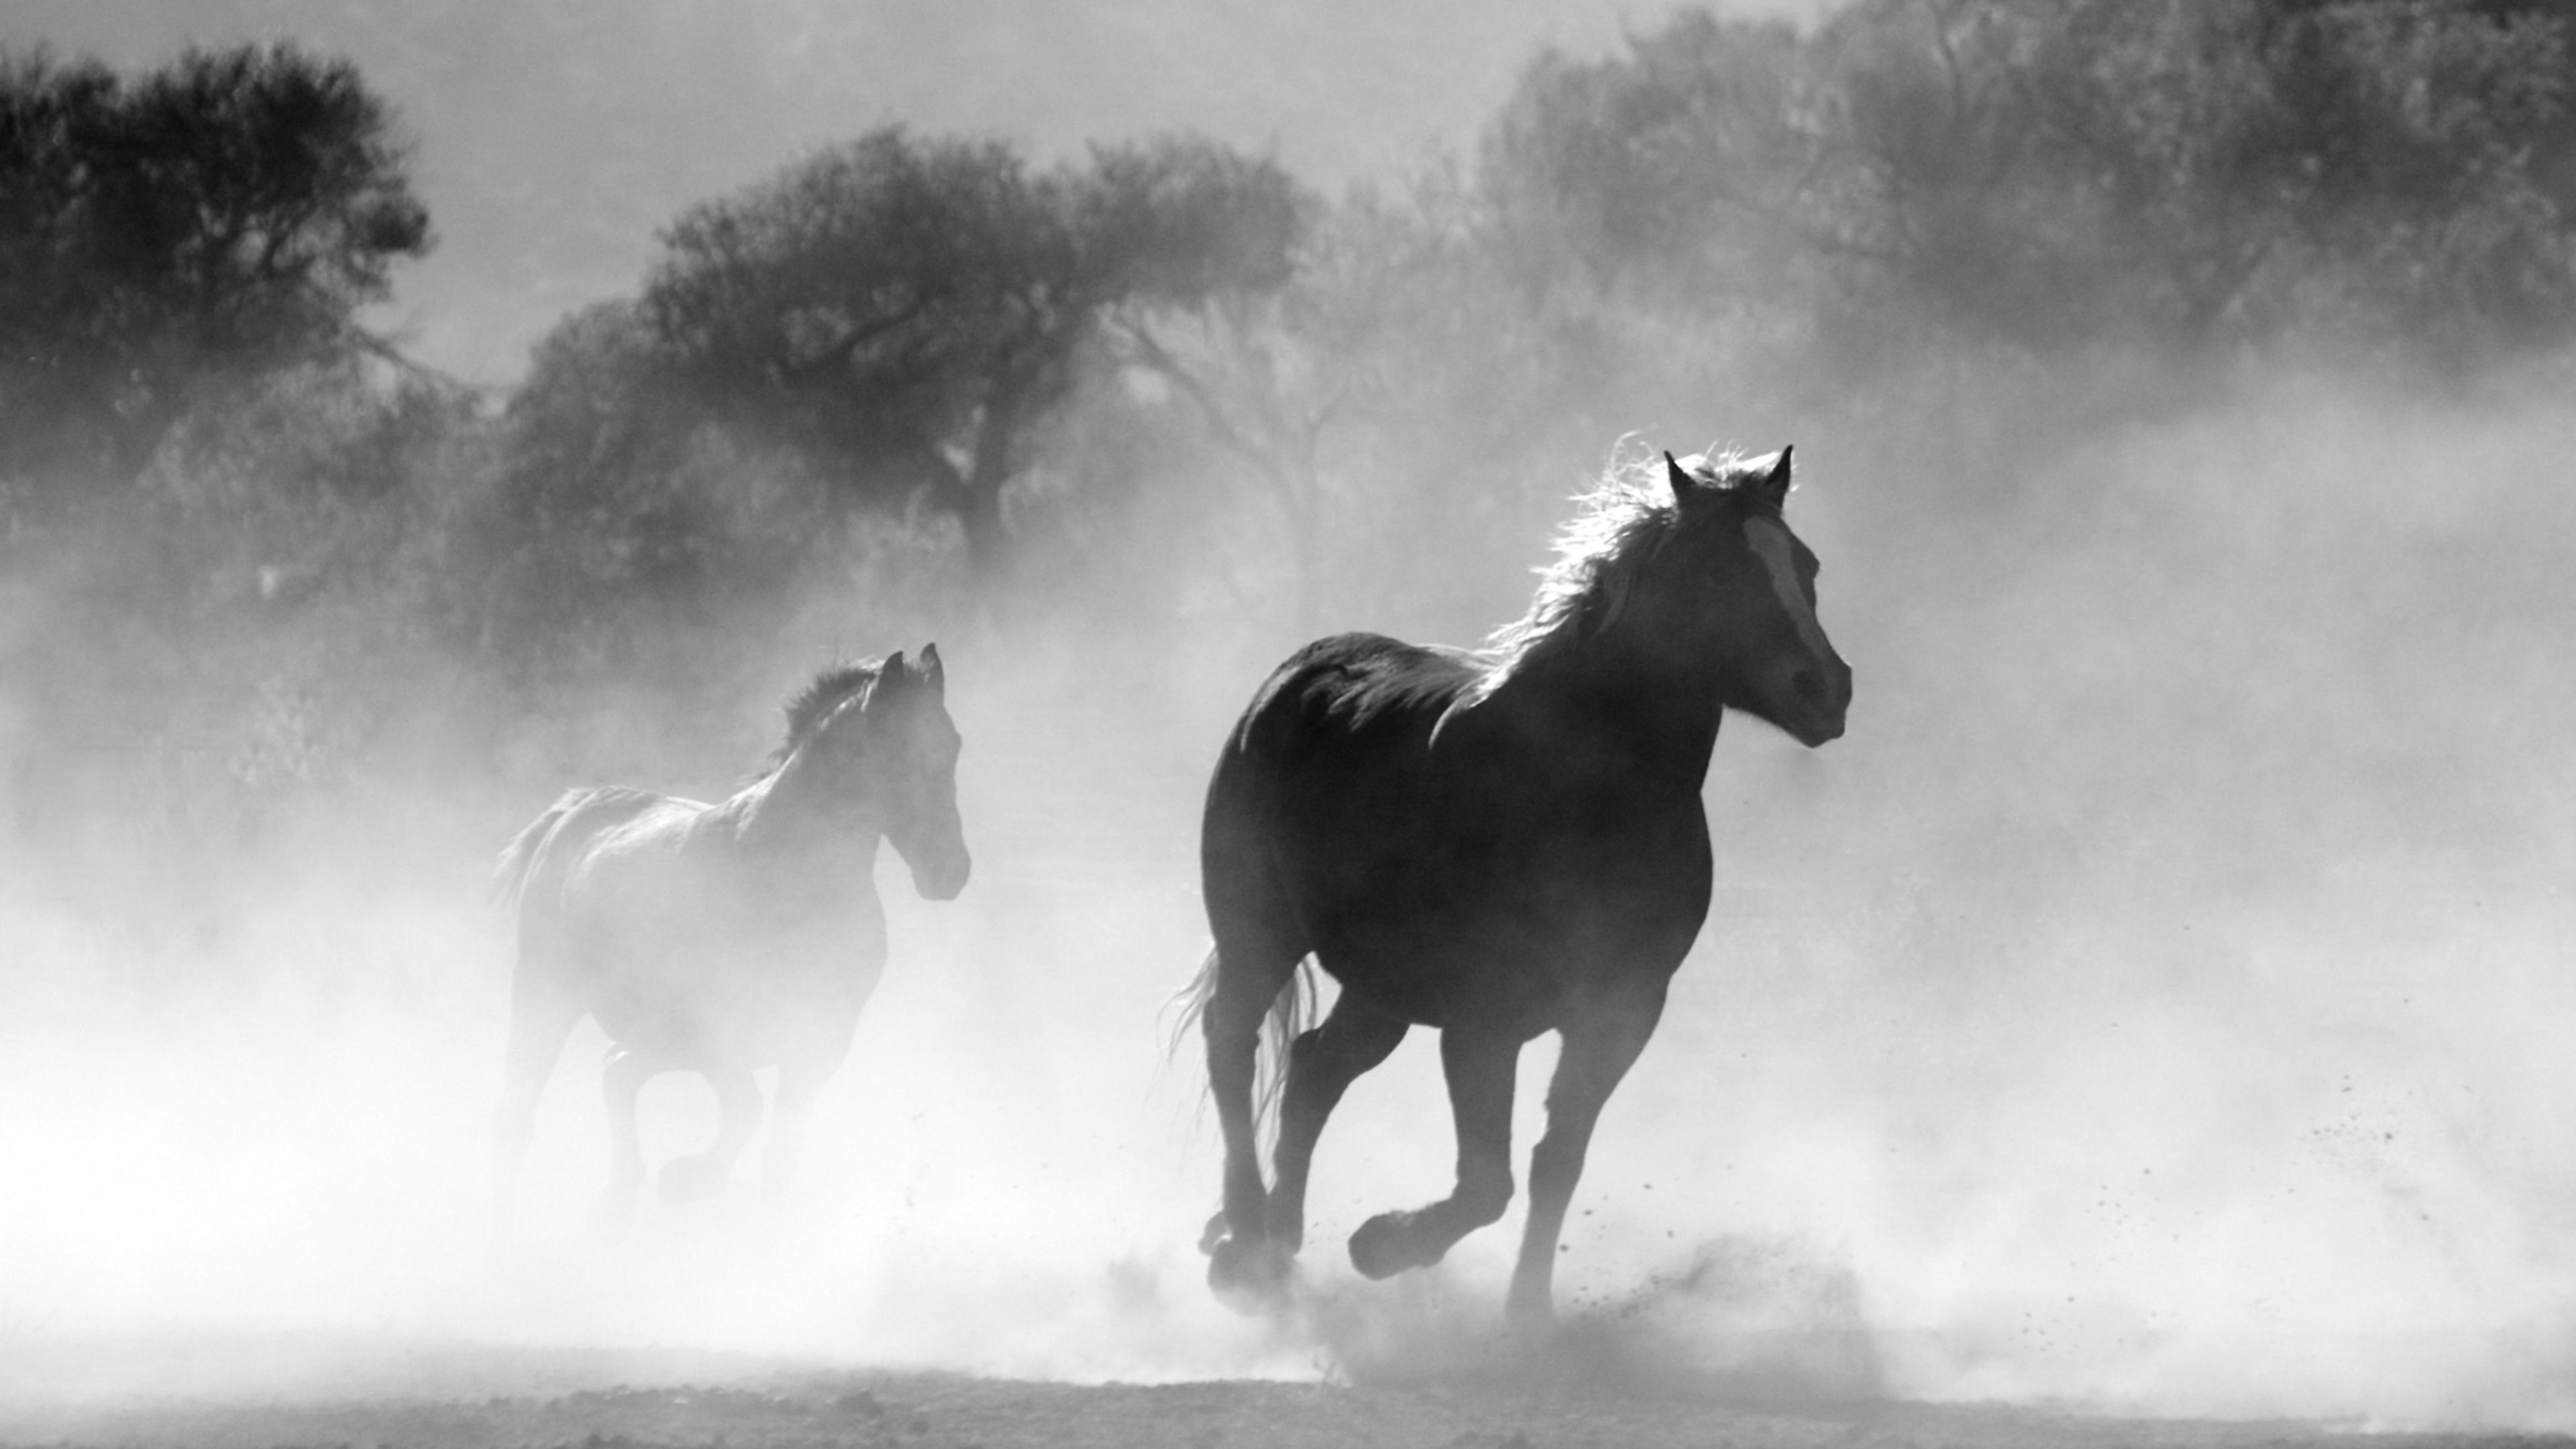 horses running dust monochrome 4k 1542239651 - Horses Running Dust Monochrome 4k - monochrome wallpapers, horse wallpapers, hd-wallpapers, black and white wallpapers, animals wallpapers, 4k-wallpapers